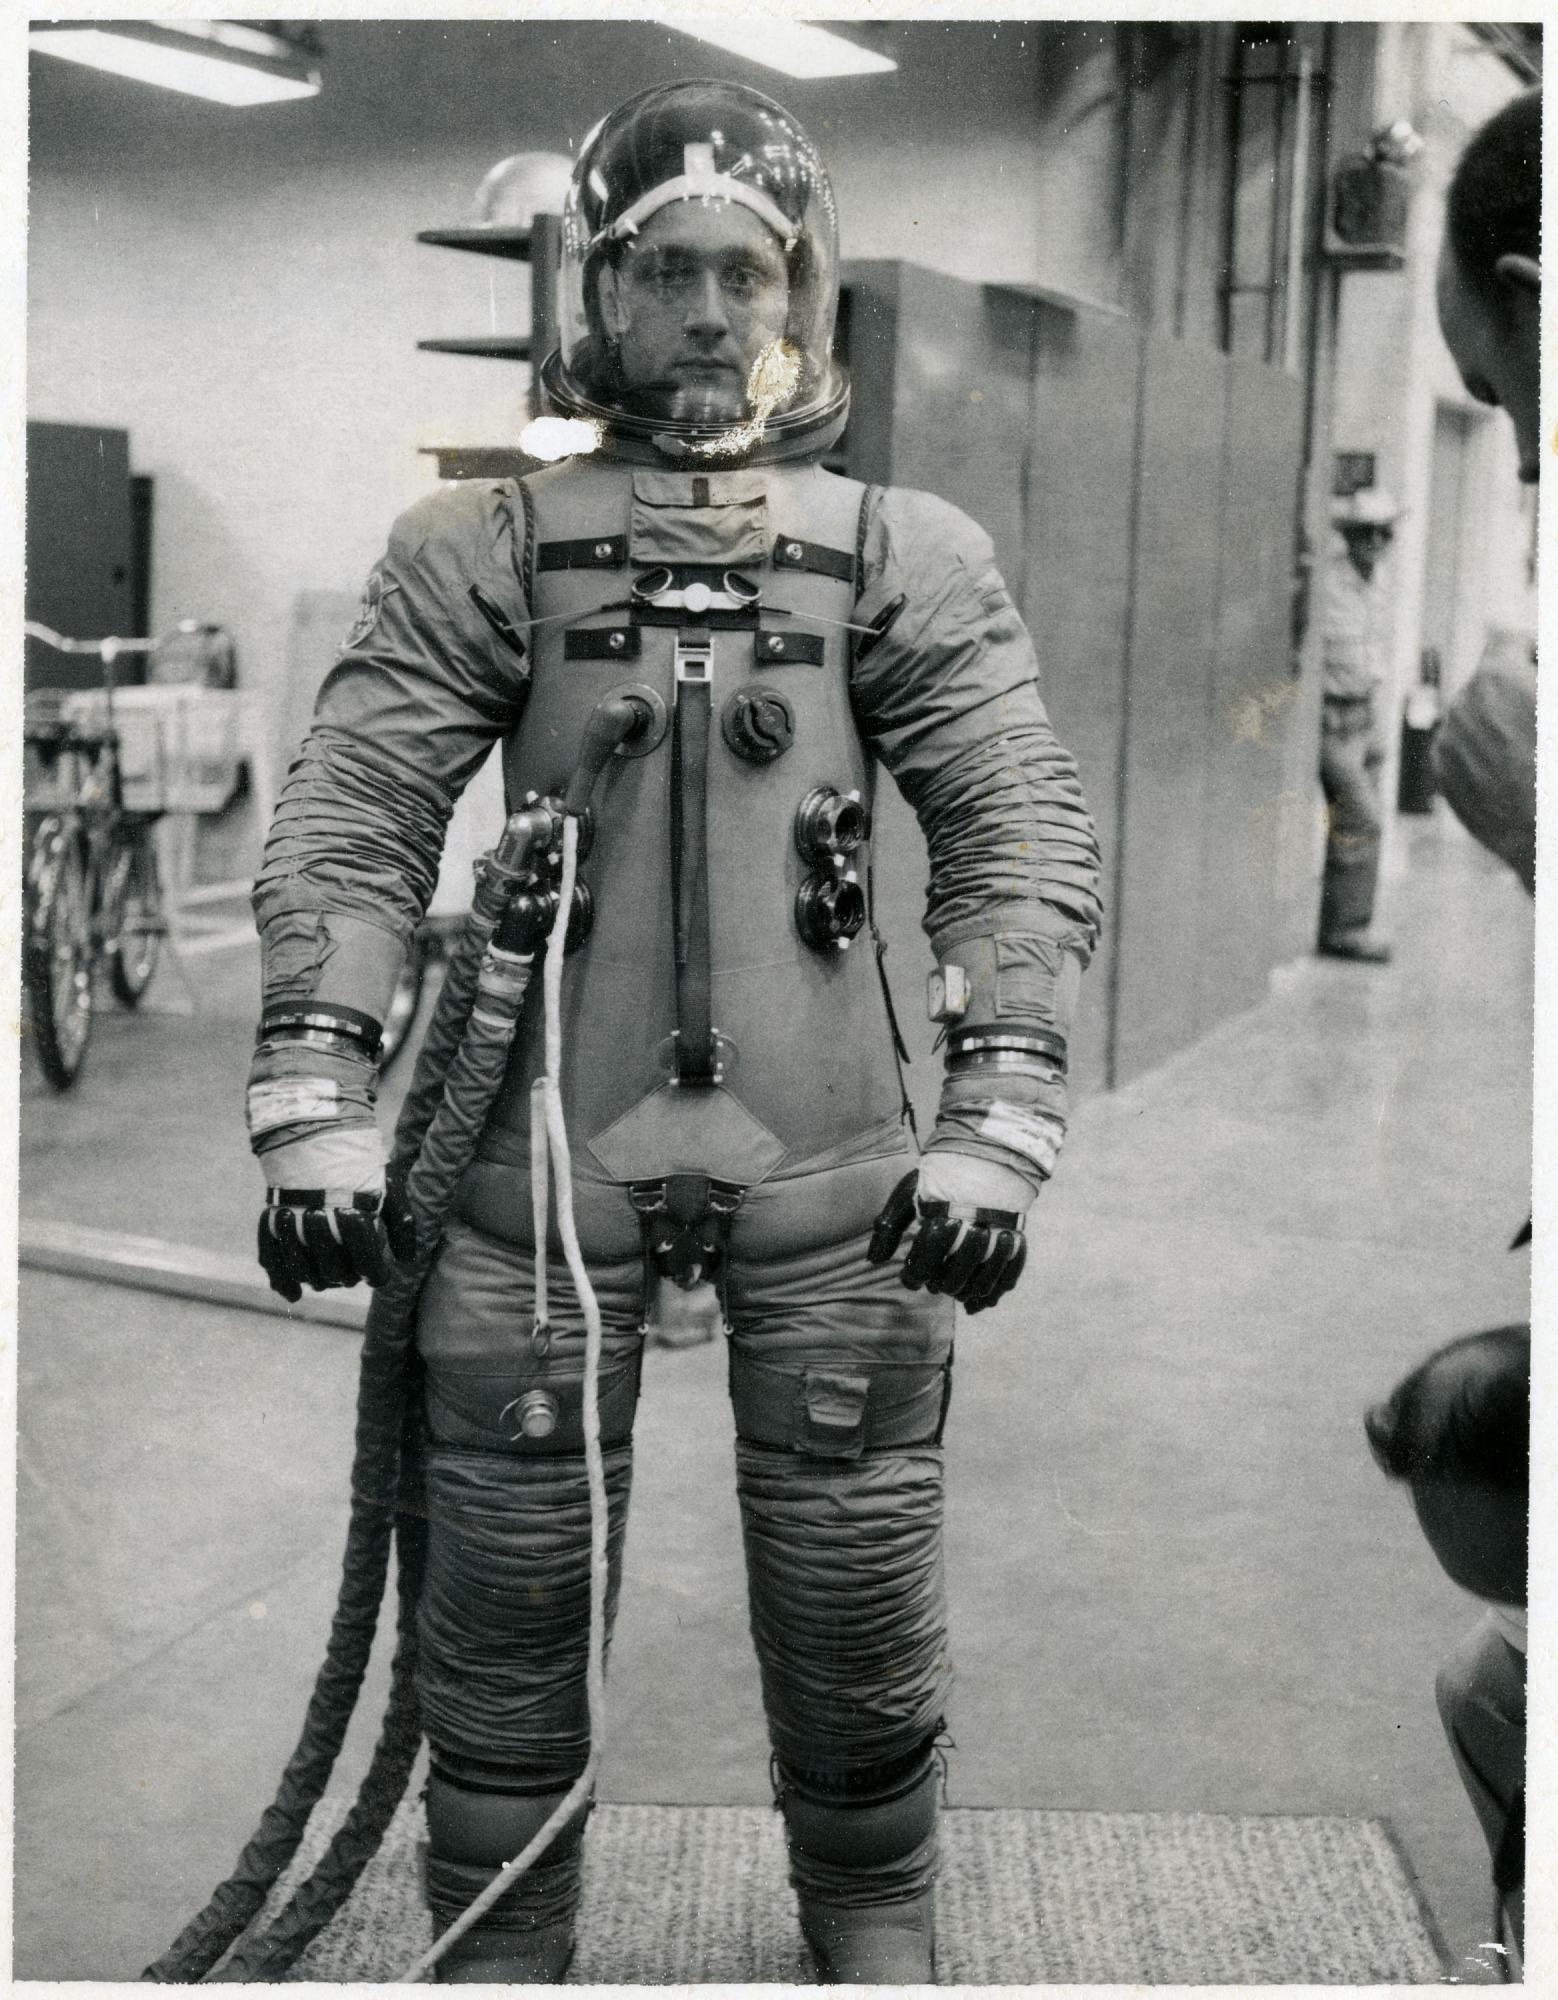 Apollo Space Suit Testing Photographs Masiello